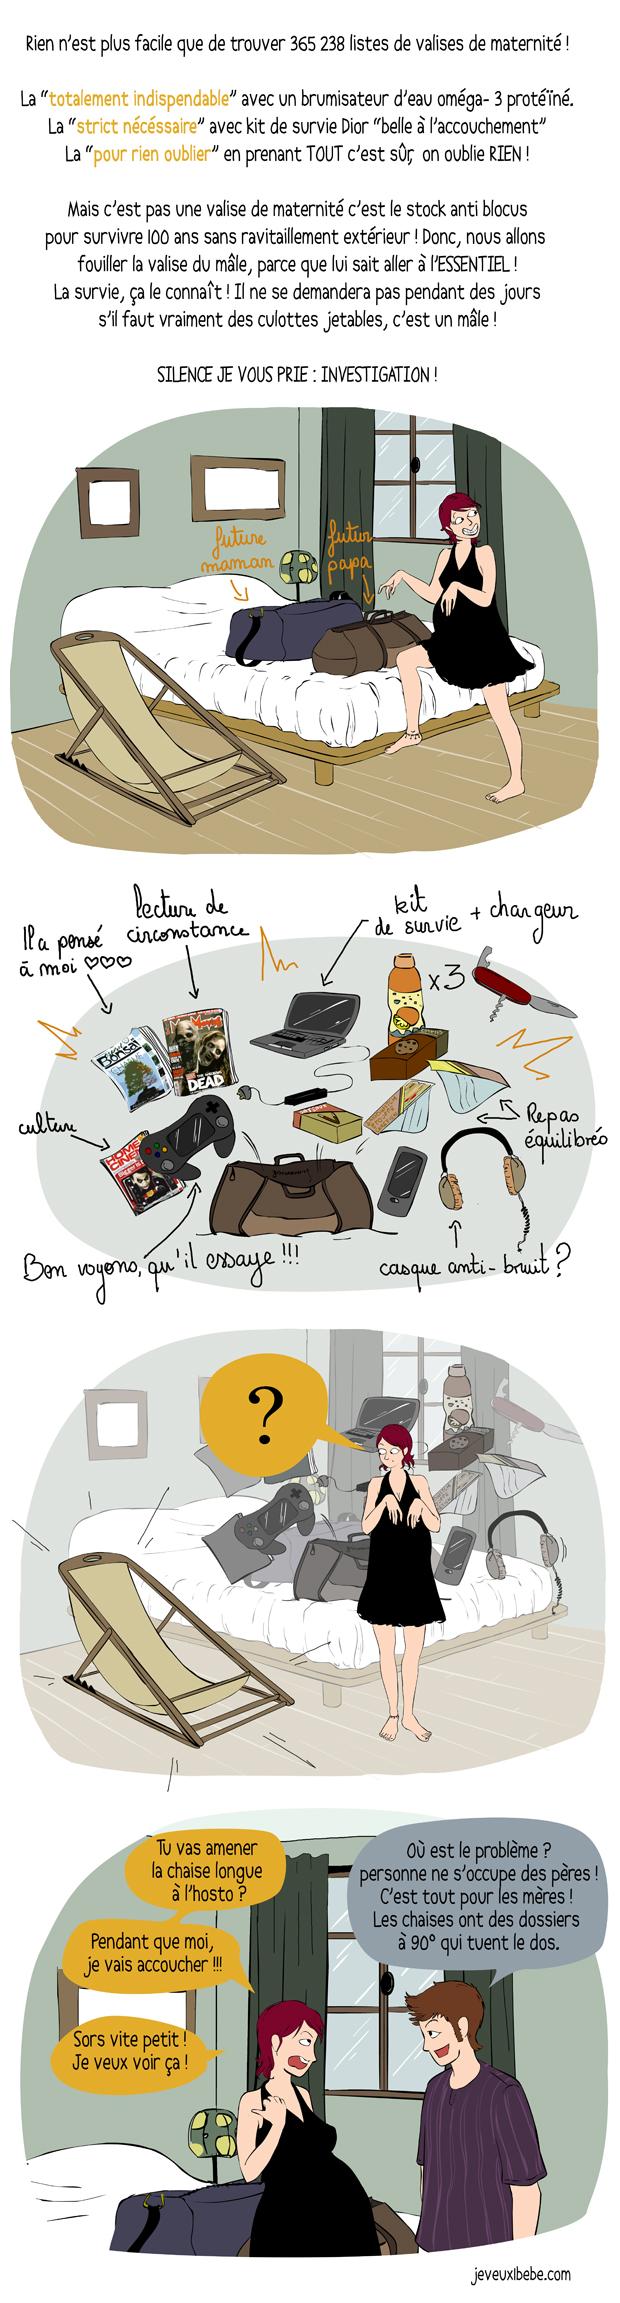 Accouchement : la valise de maternité... D'un mec !